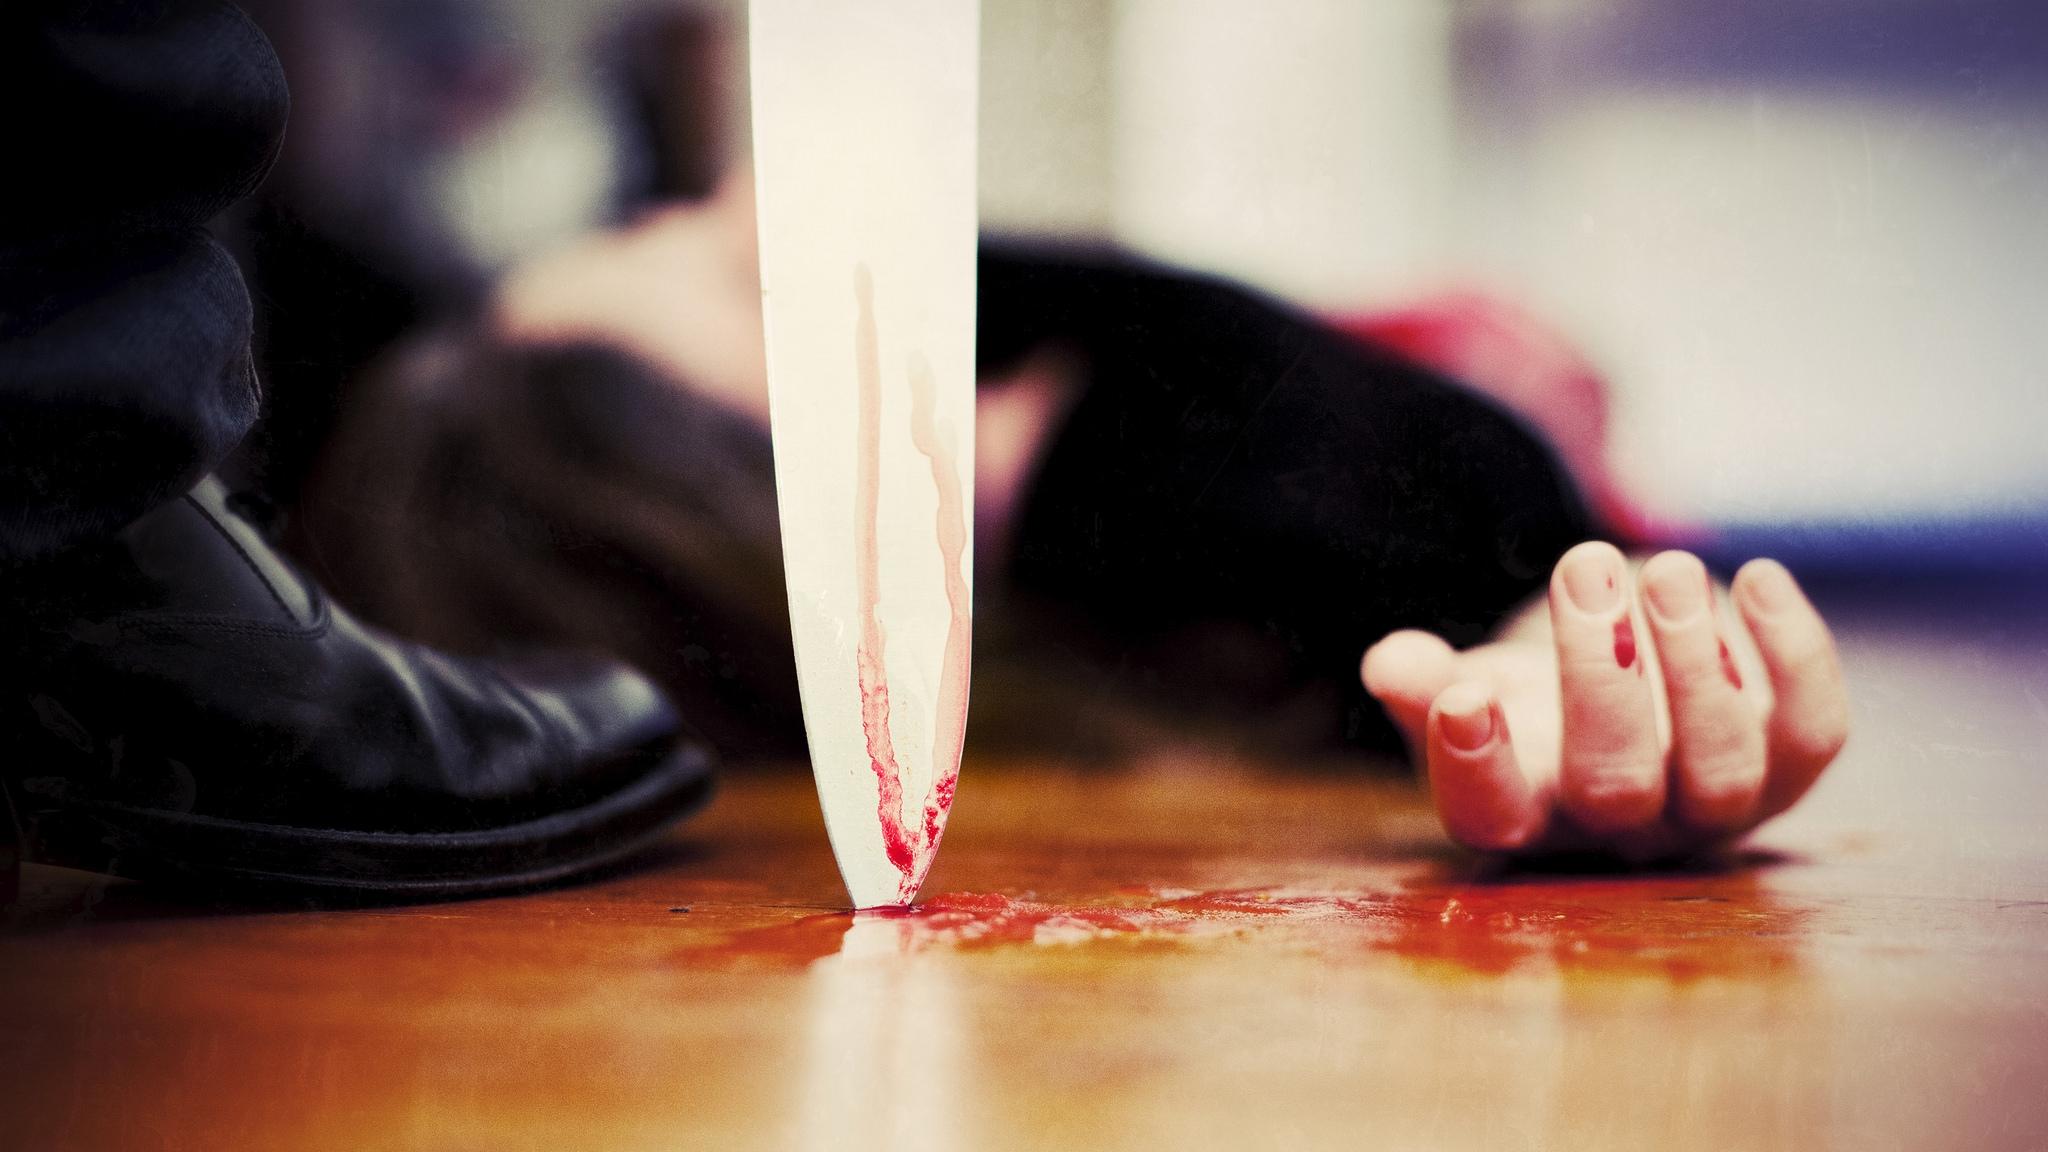 ЧП в Севастополе: подросток подозревается в жестоком двойном убийстве